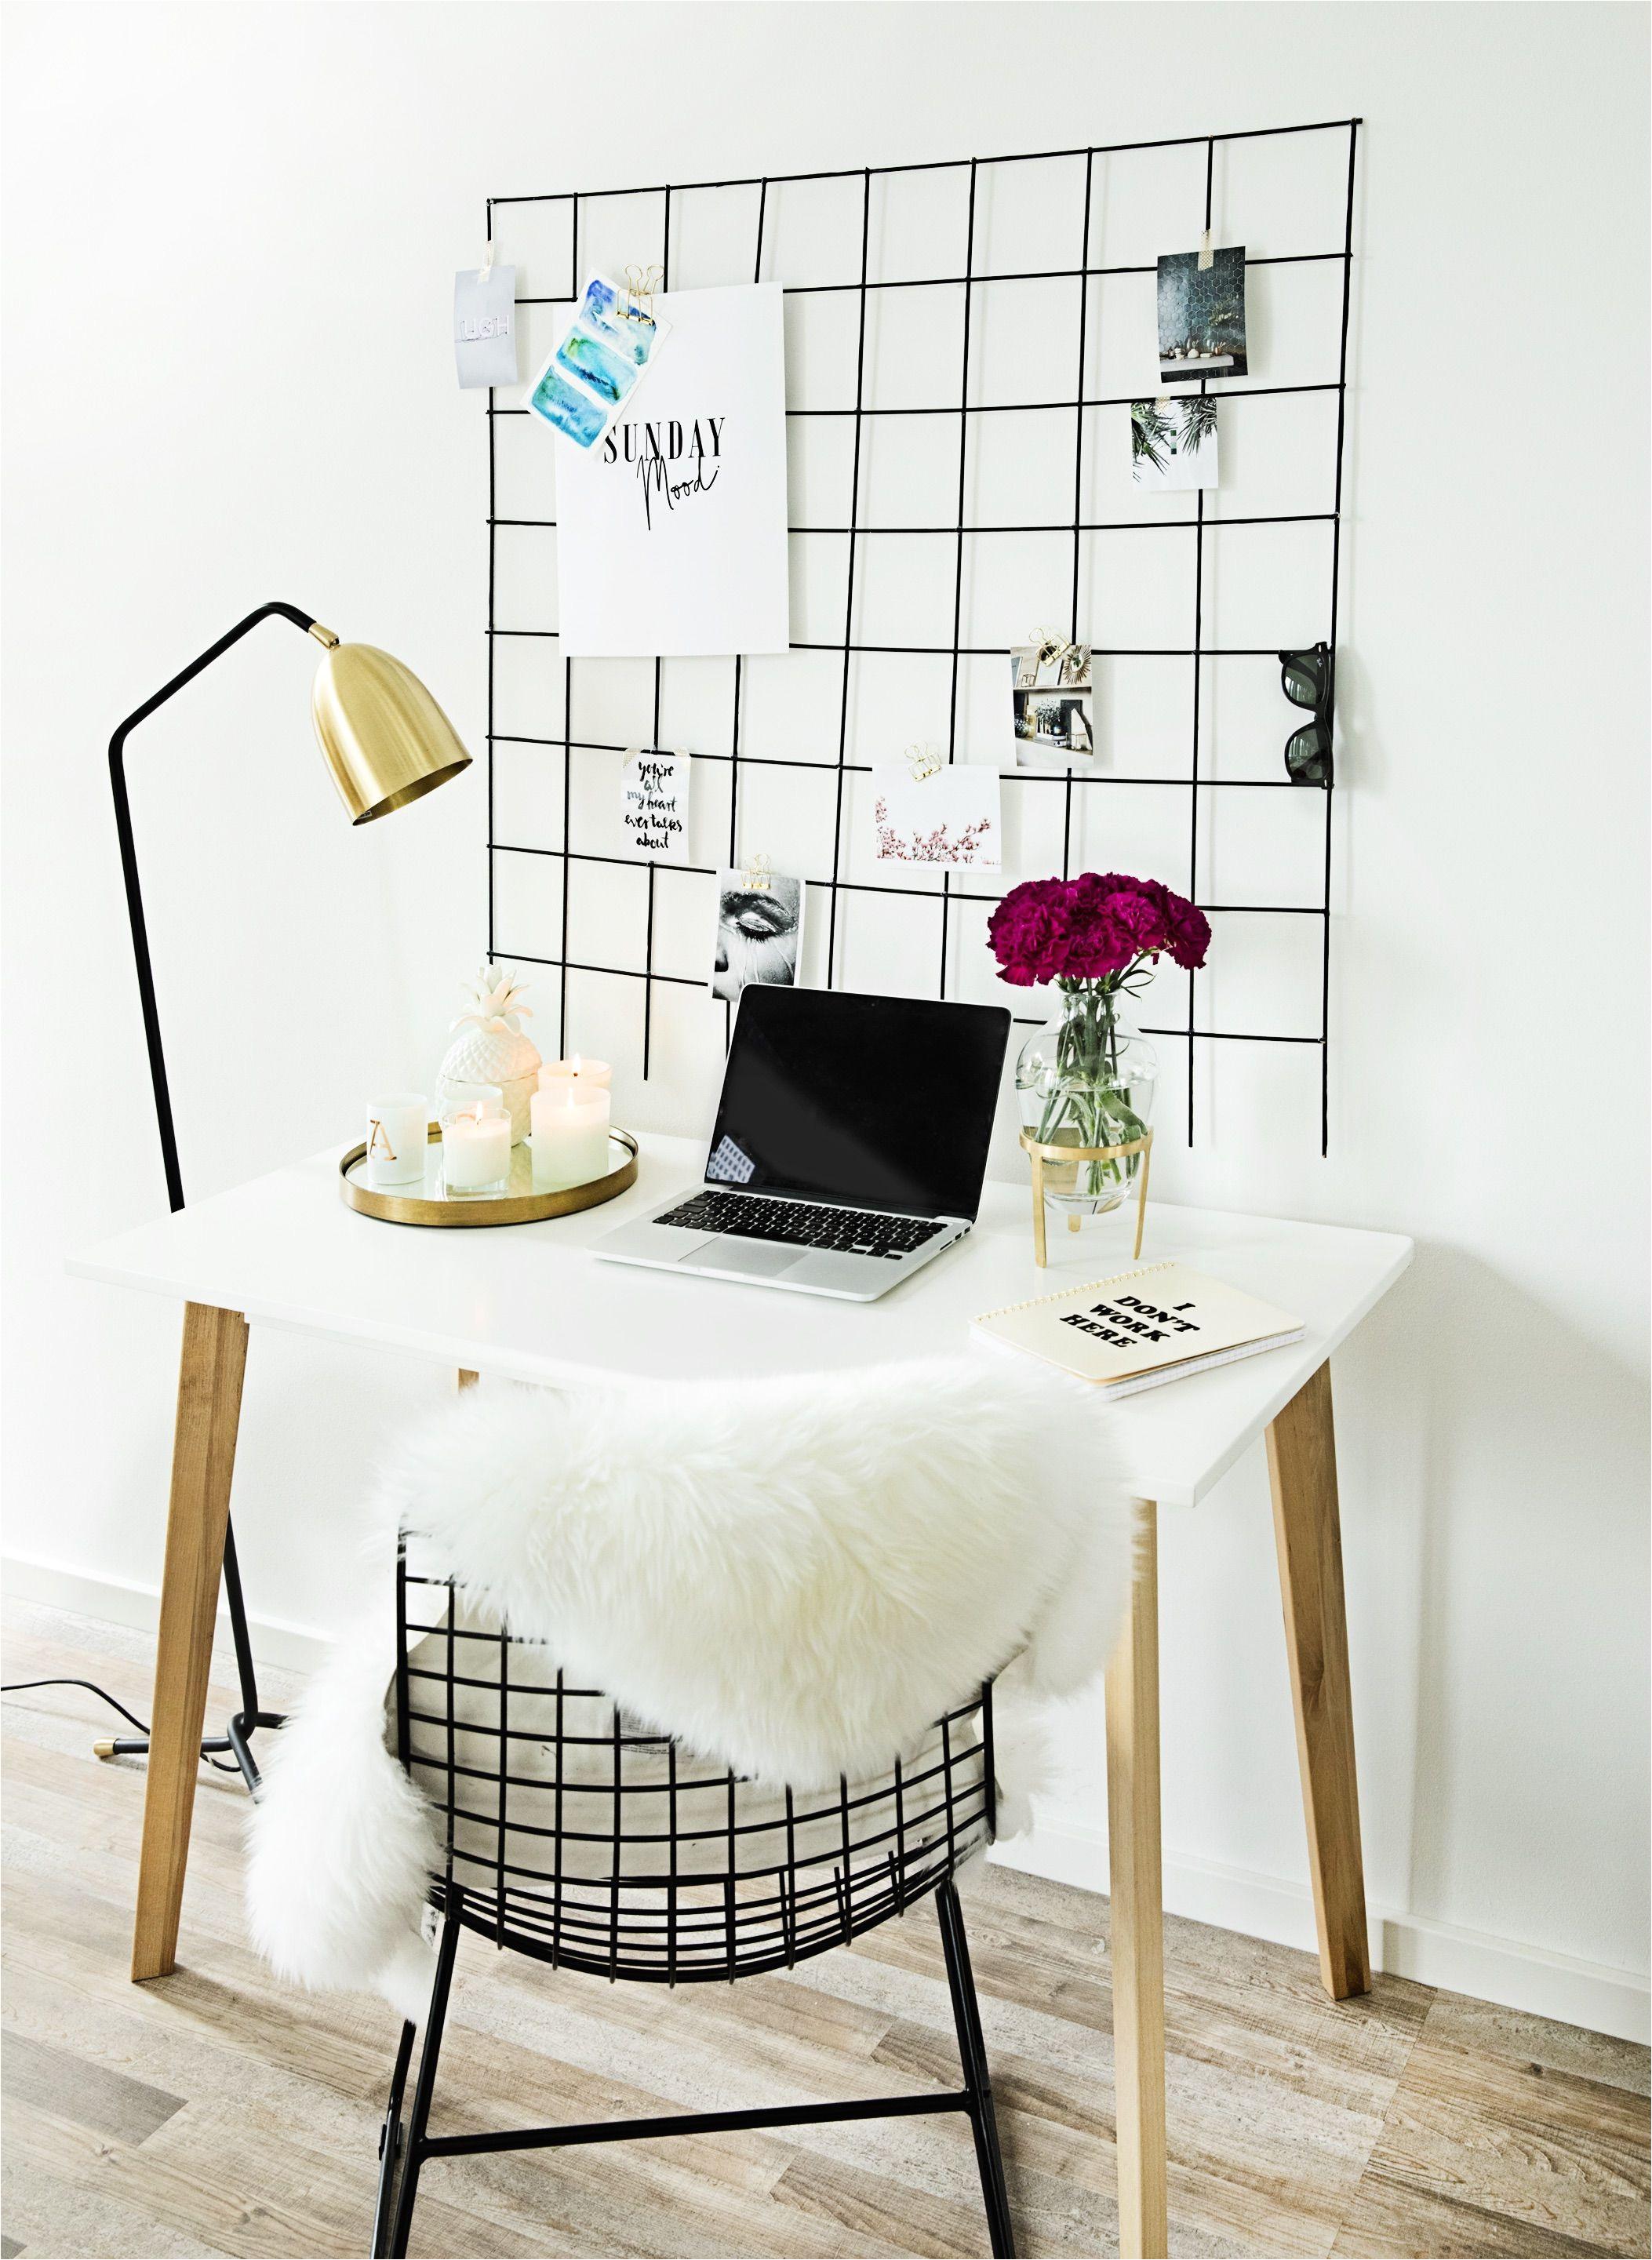 home office diy gitter pinnwande zum selber machen ganz einfach gitterstabe mit washi tape umwickeln im gitter muster ausrichten und zusammenkleben